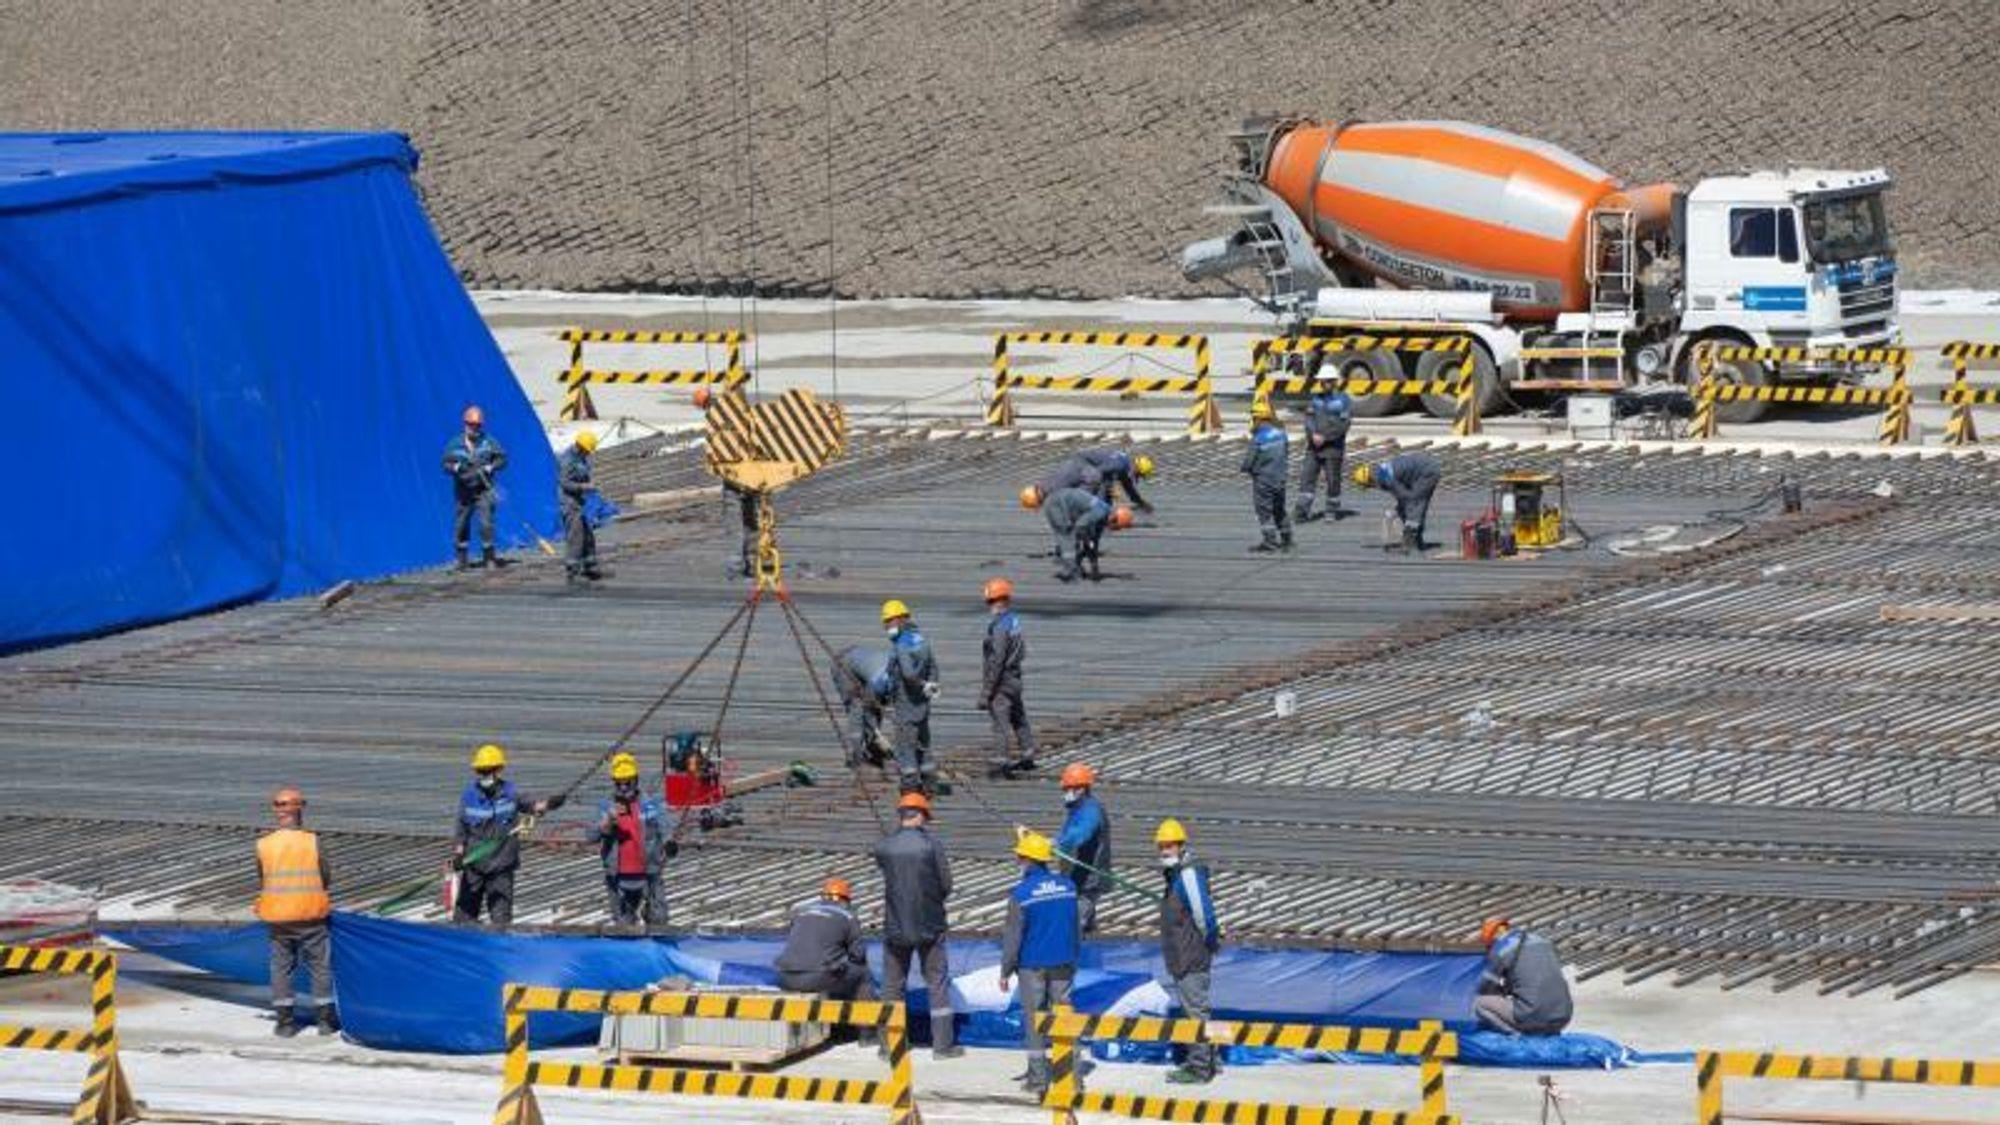 Russland bygger fjerdegenerasjons reaktor: – Ressursene blir praktisk talt utømmelige